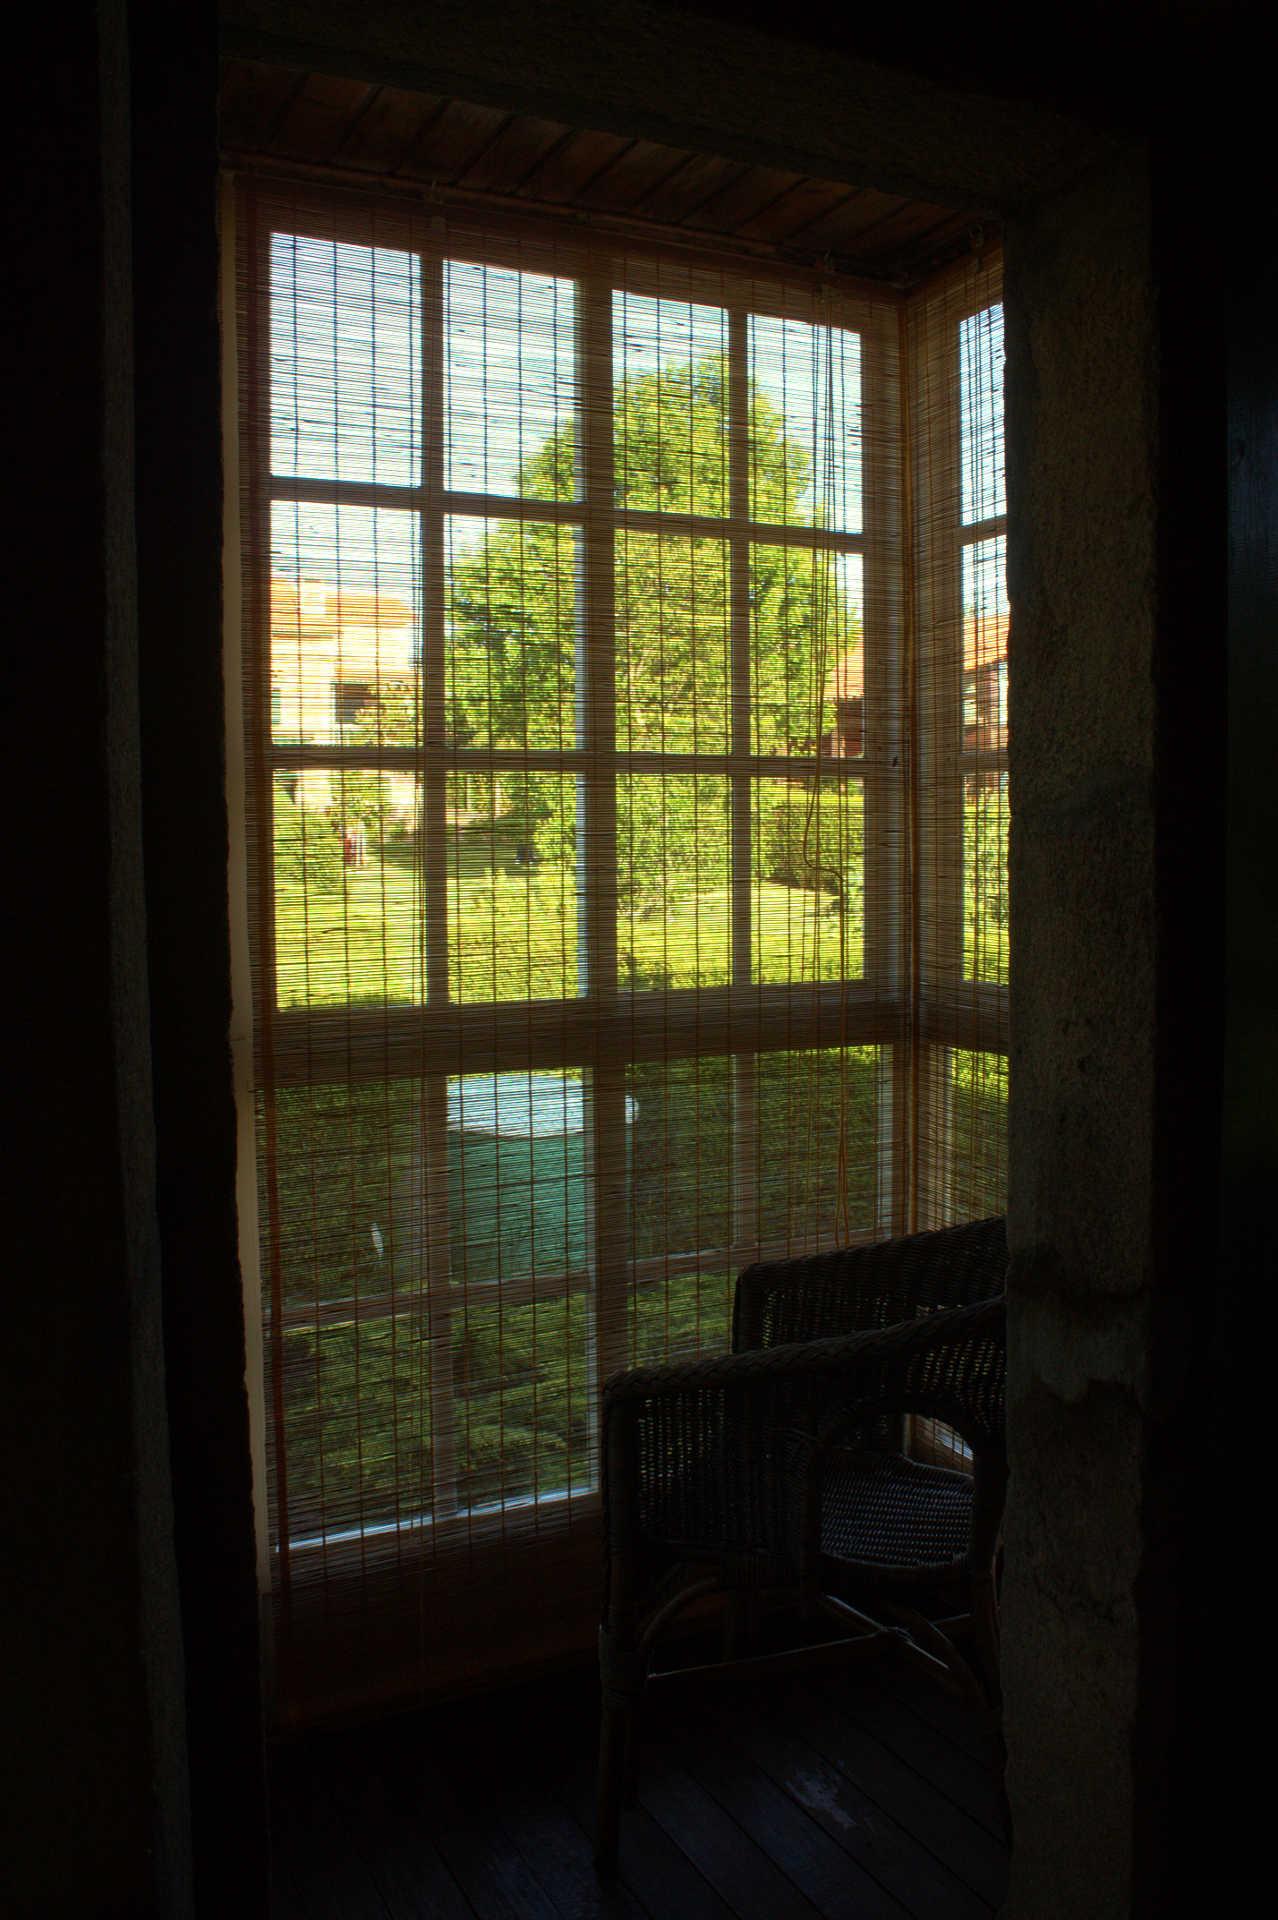 Galeria Habitacion doble Outeiro con Galeria casa rural As Seis Chemineas